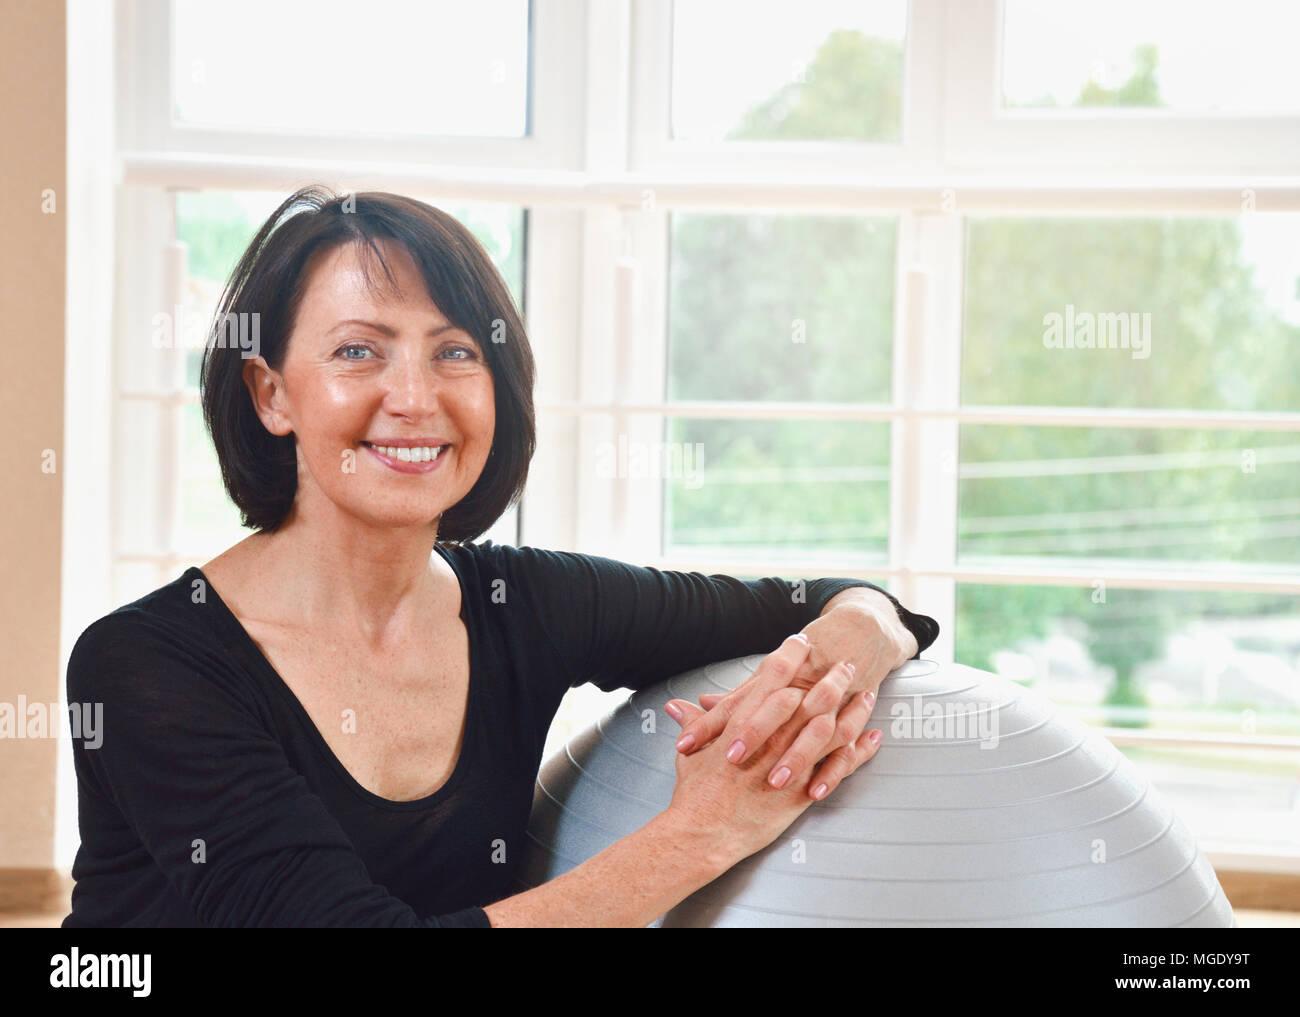 Felice senior donna riposo dopo esercizio. Montare invecchiato povera donna sul grande grigio palla ginnica. Close up ritratto Foto Stock